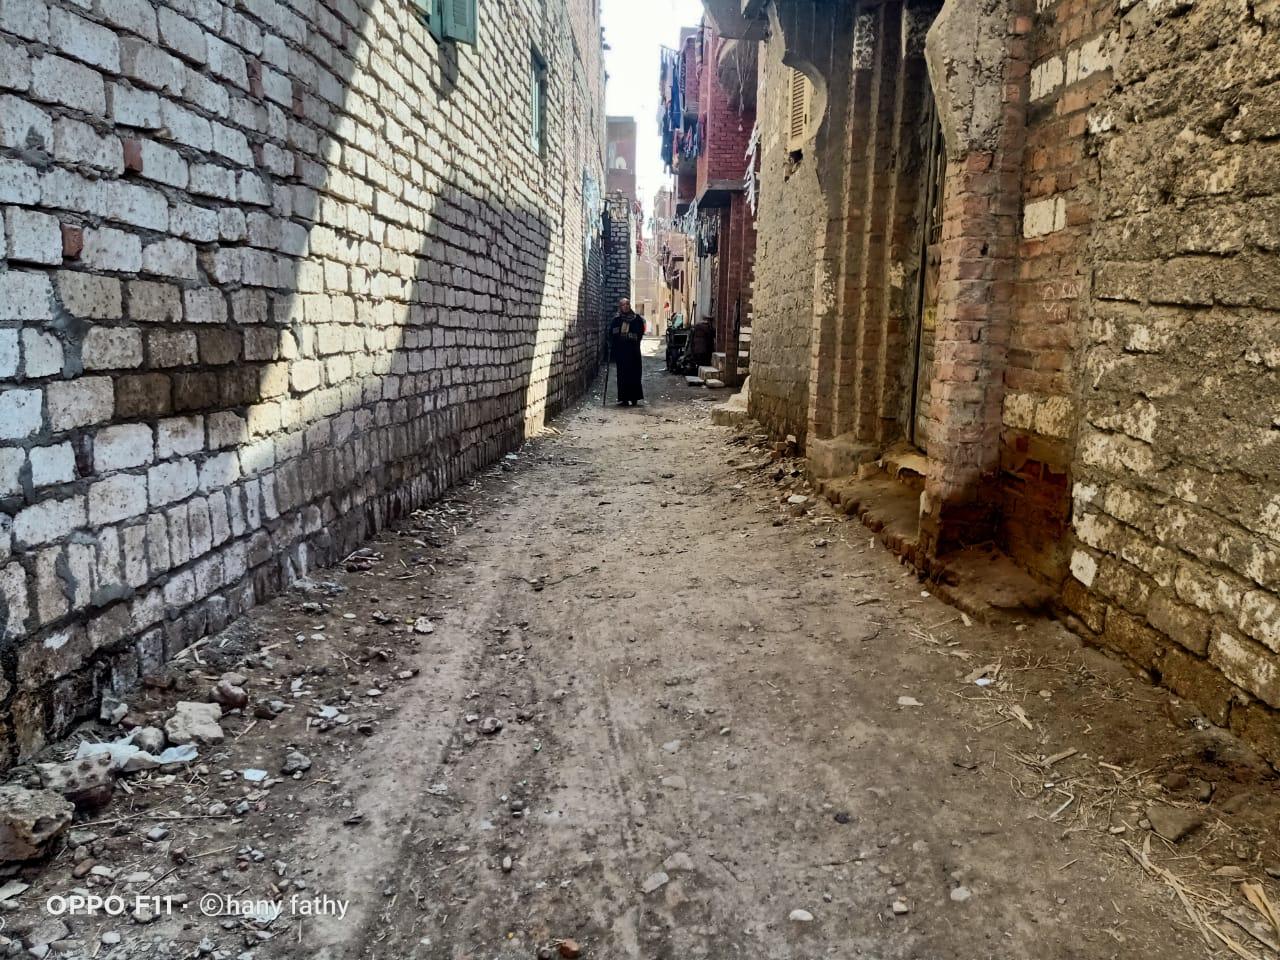 279531--قرية-نزلة-الزاوية--عمار--التابعة-لمركز-ببا-بمحافظة-بنى-سويف-(8)